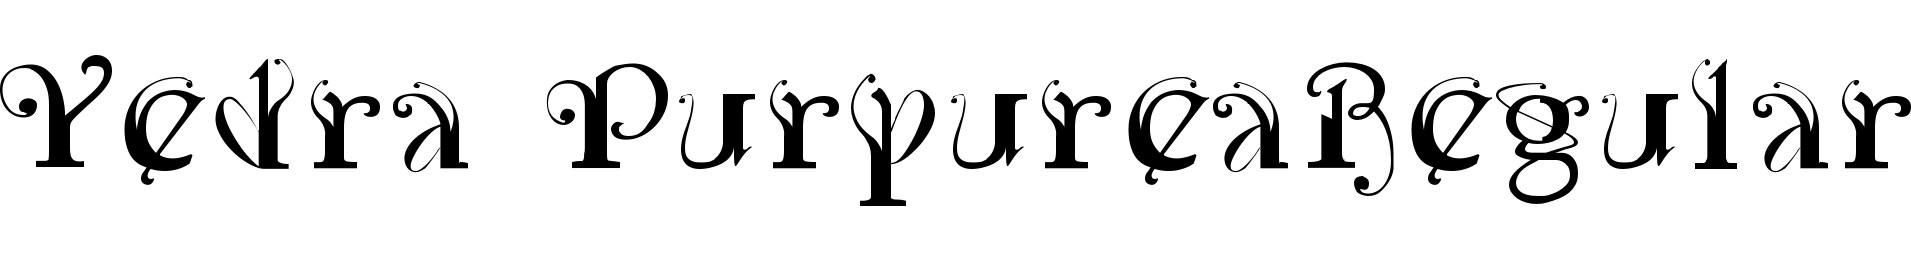 Yedra PurpureaRegular